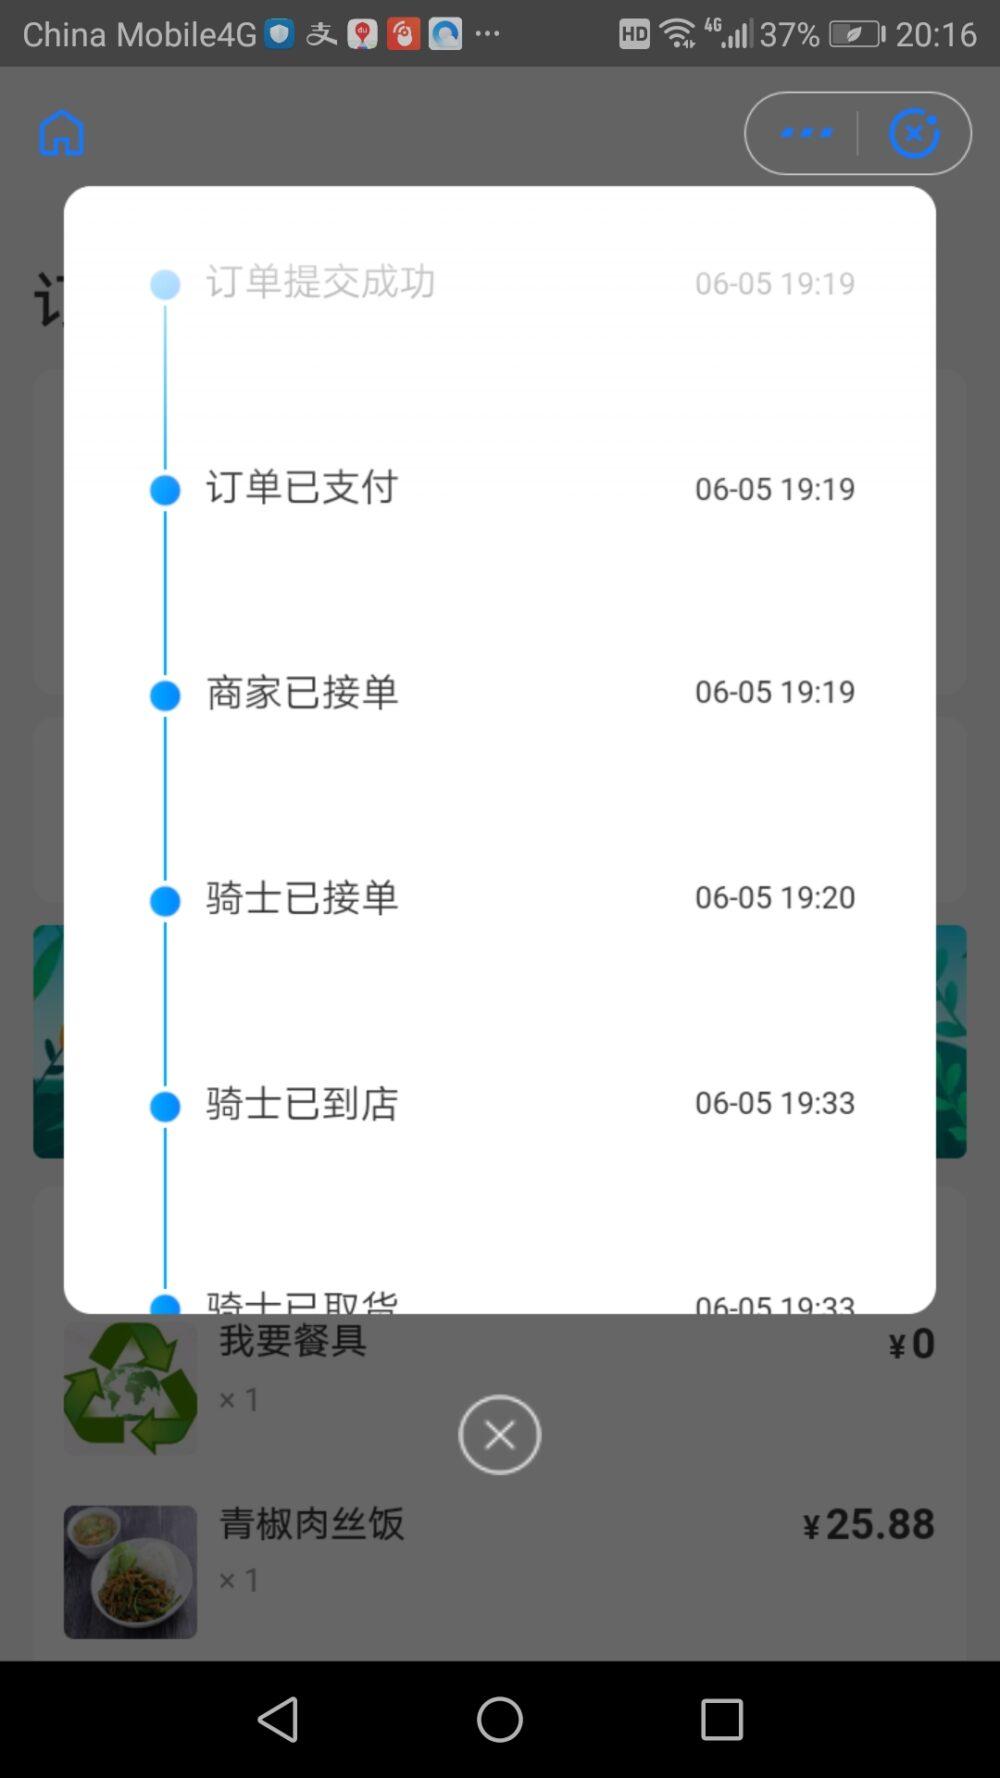 フードデリバリーアプリの饿了么で商品の状況を教えてくれる画面のスクリーンショット